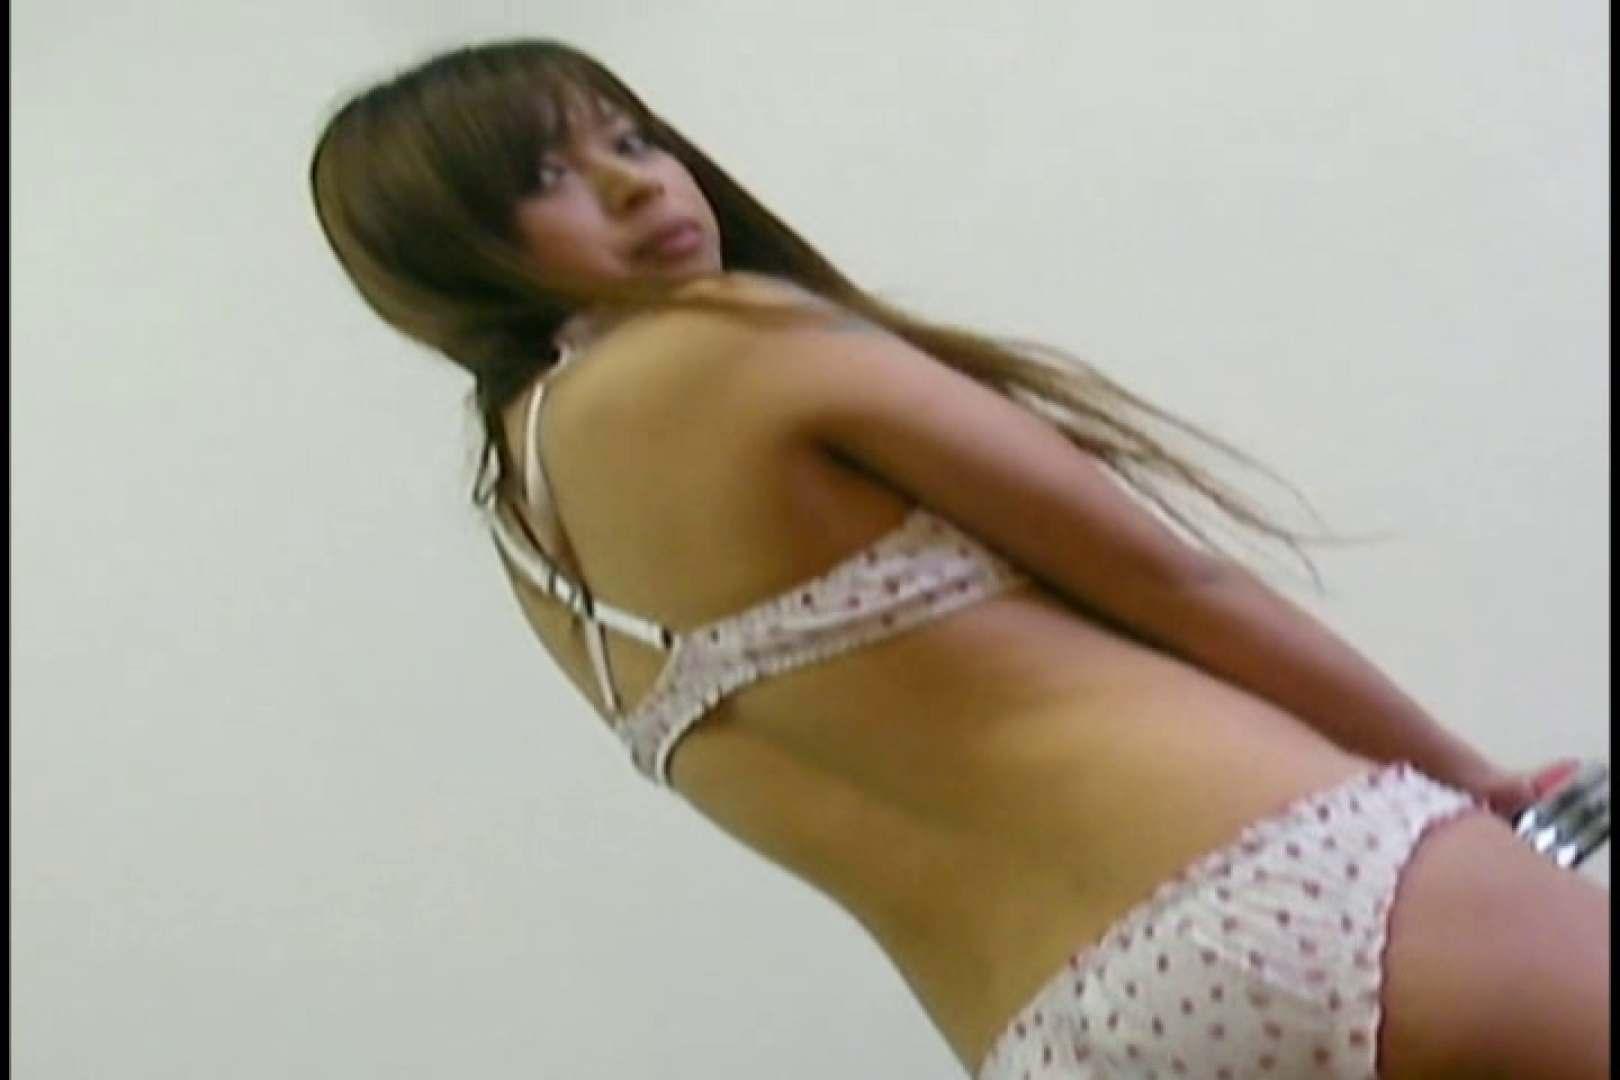 素人撮影 下着だけの撮影のはずが・・・ よしこ23歳 素人 アダルト動画キャプチャ 36連発 9